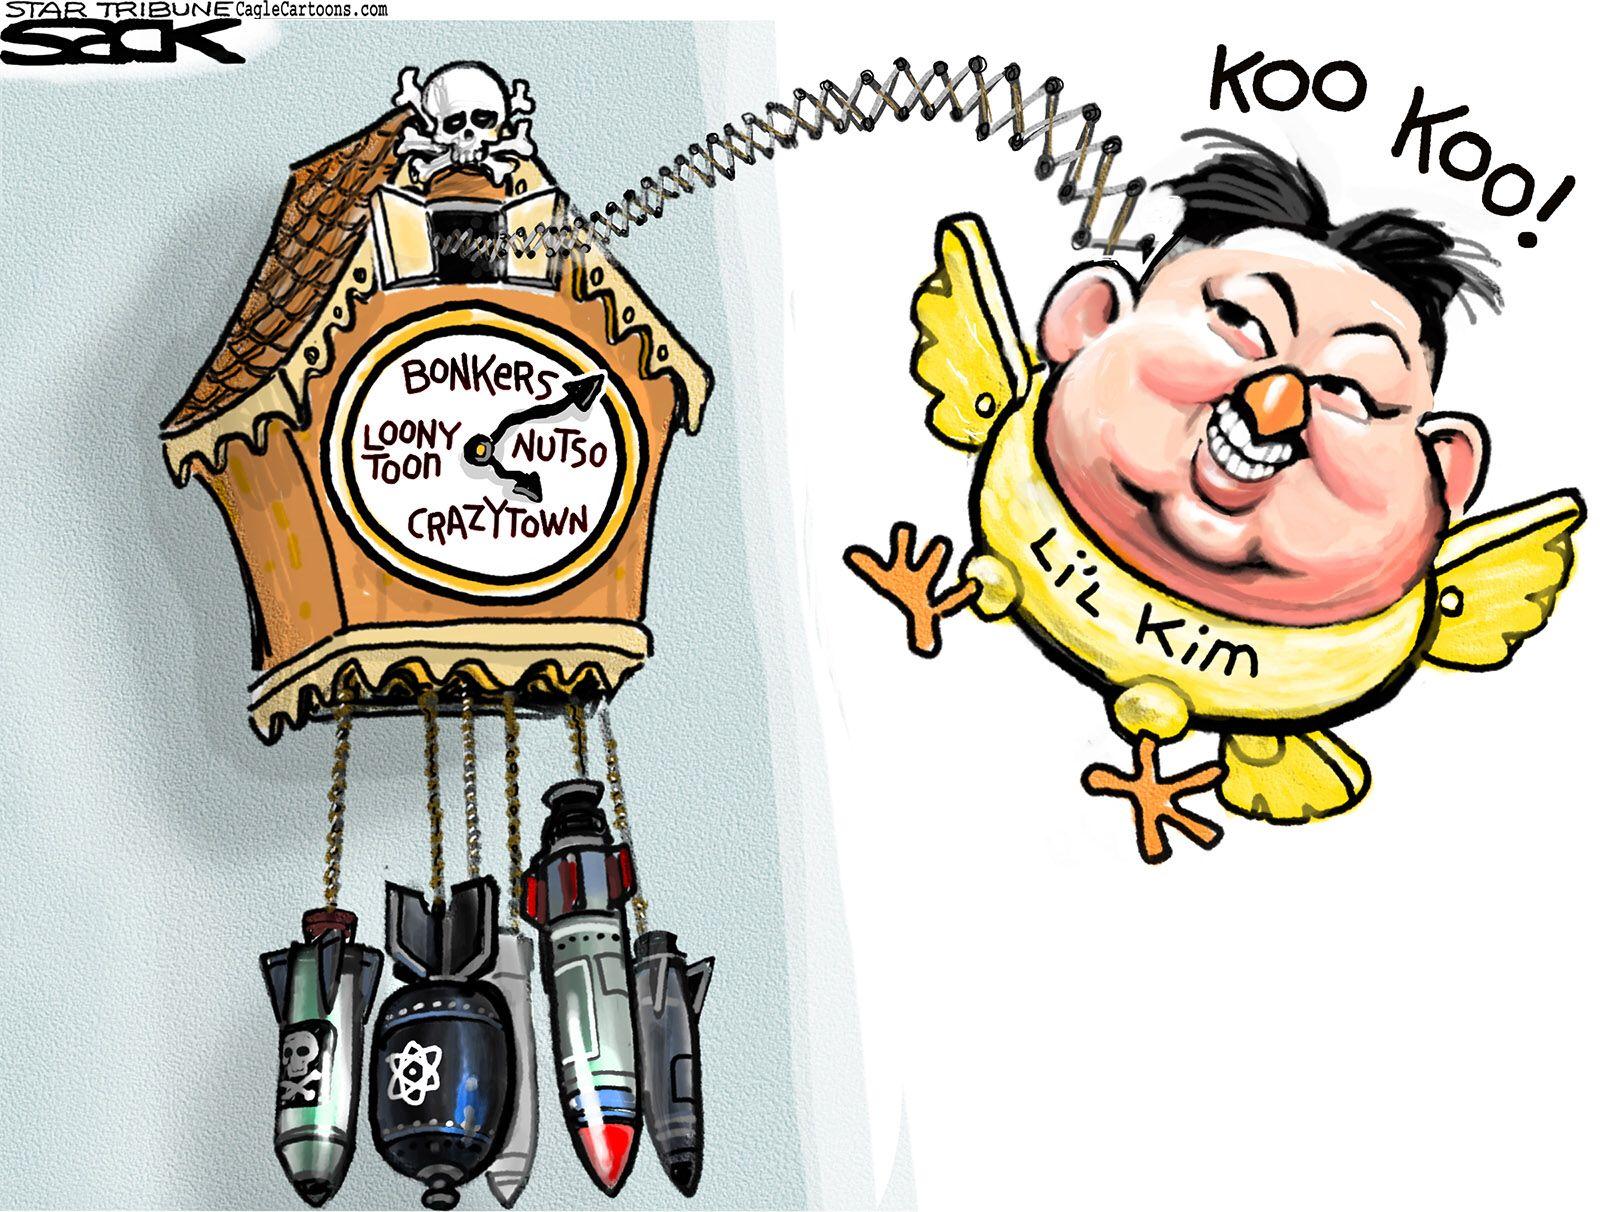 North Korea Editorial Cartoon